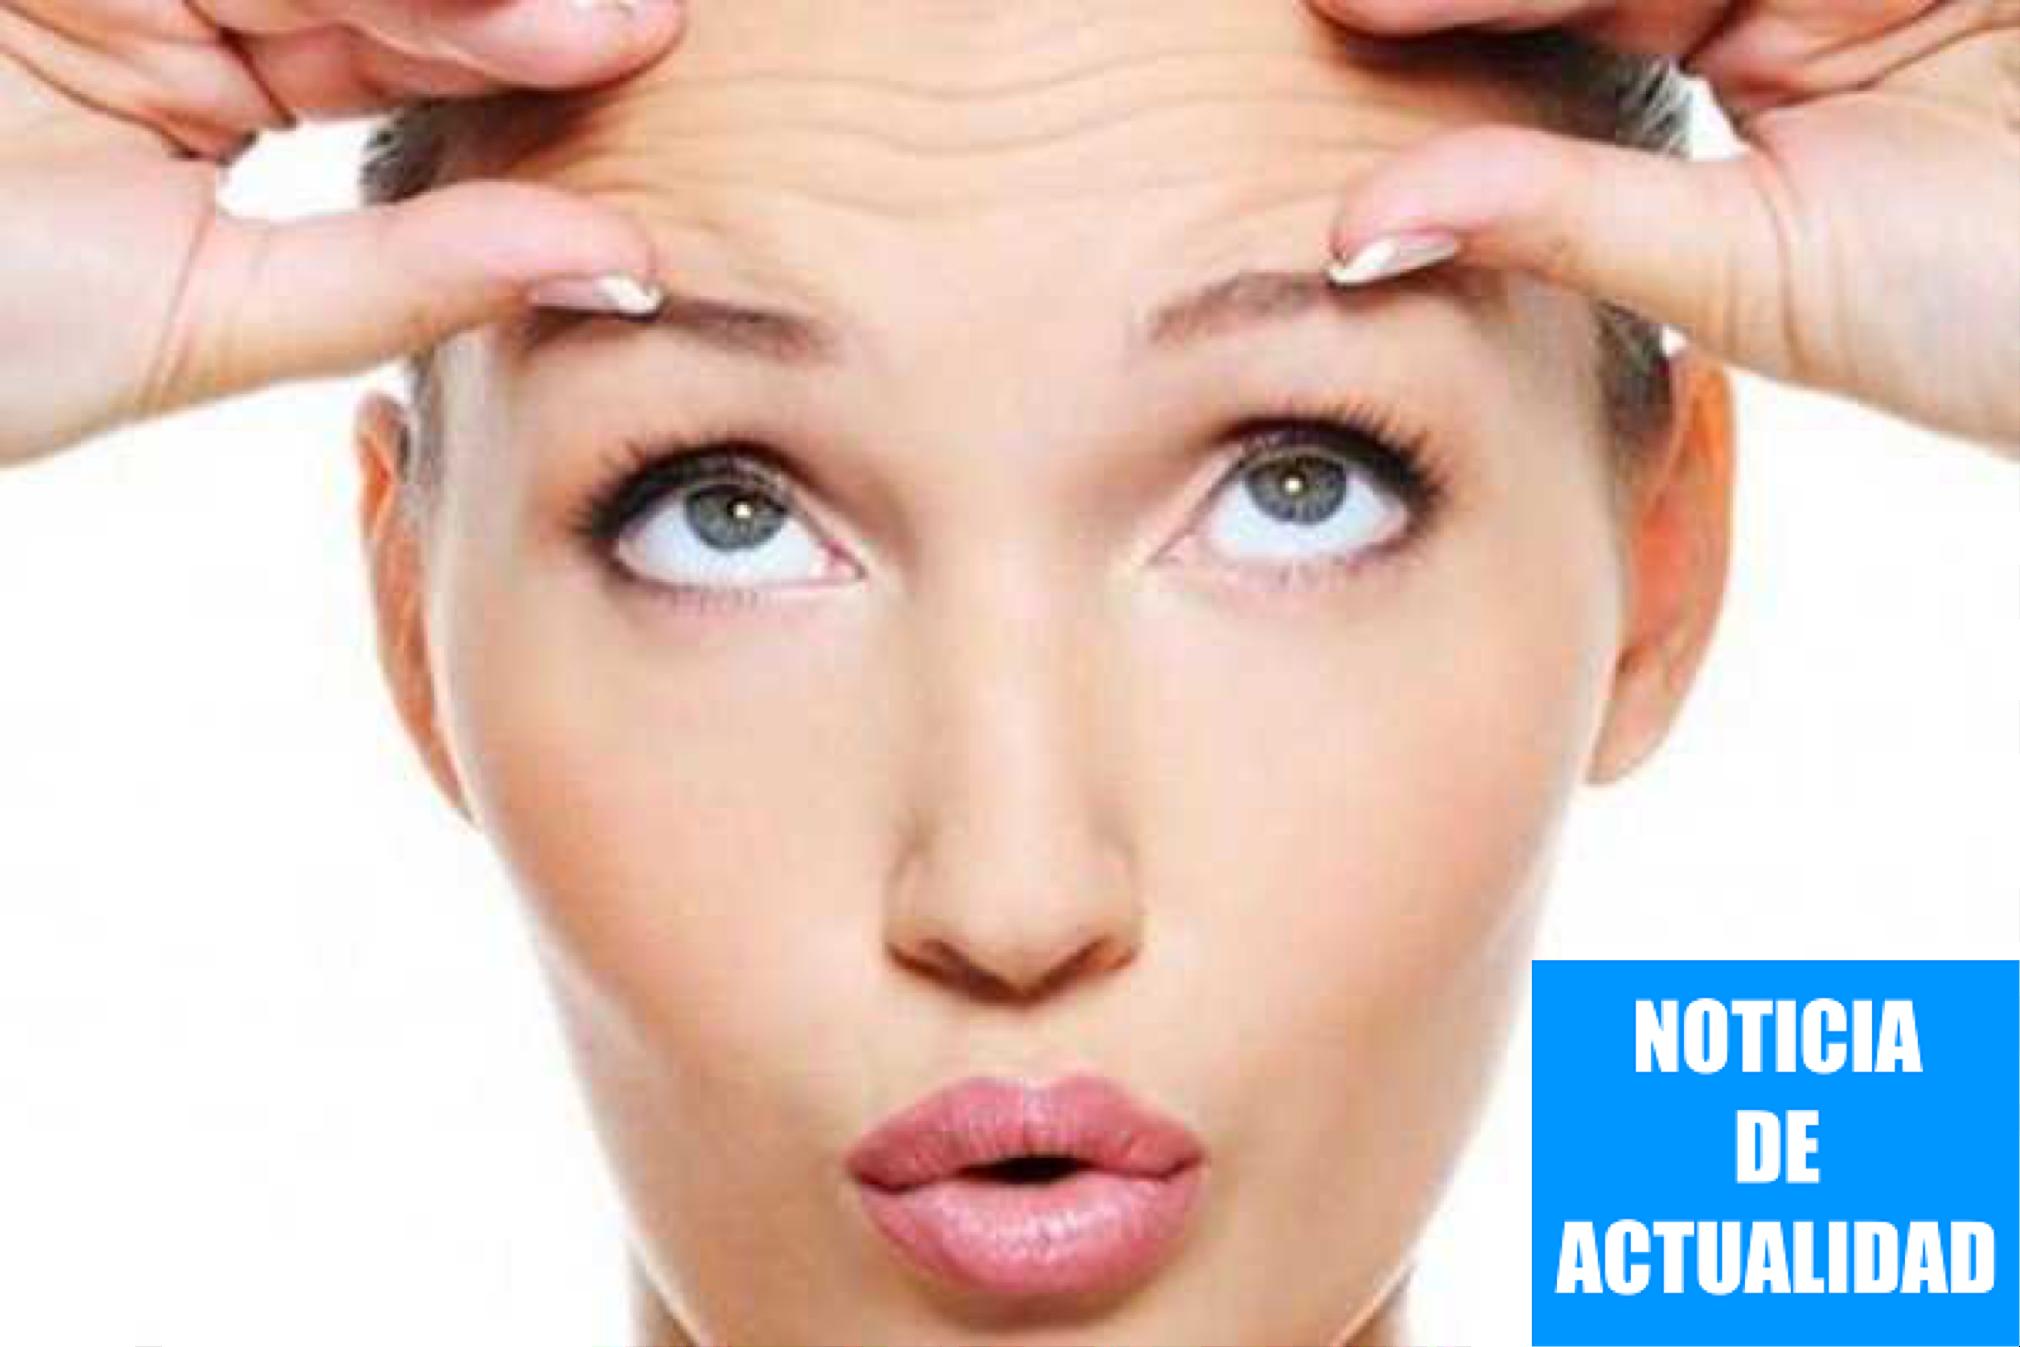 El 80% de las mujeres eliminaría las ojeras y las arrugas del rostro